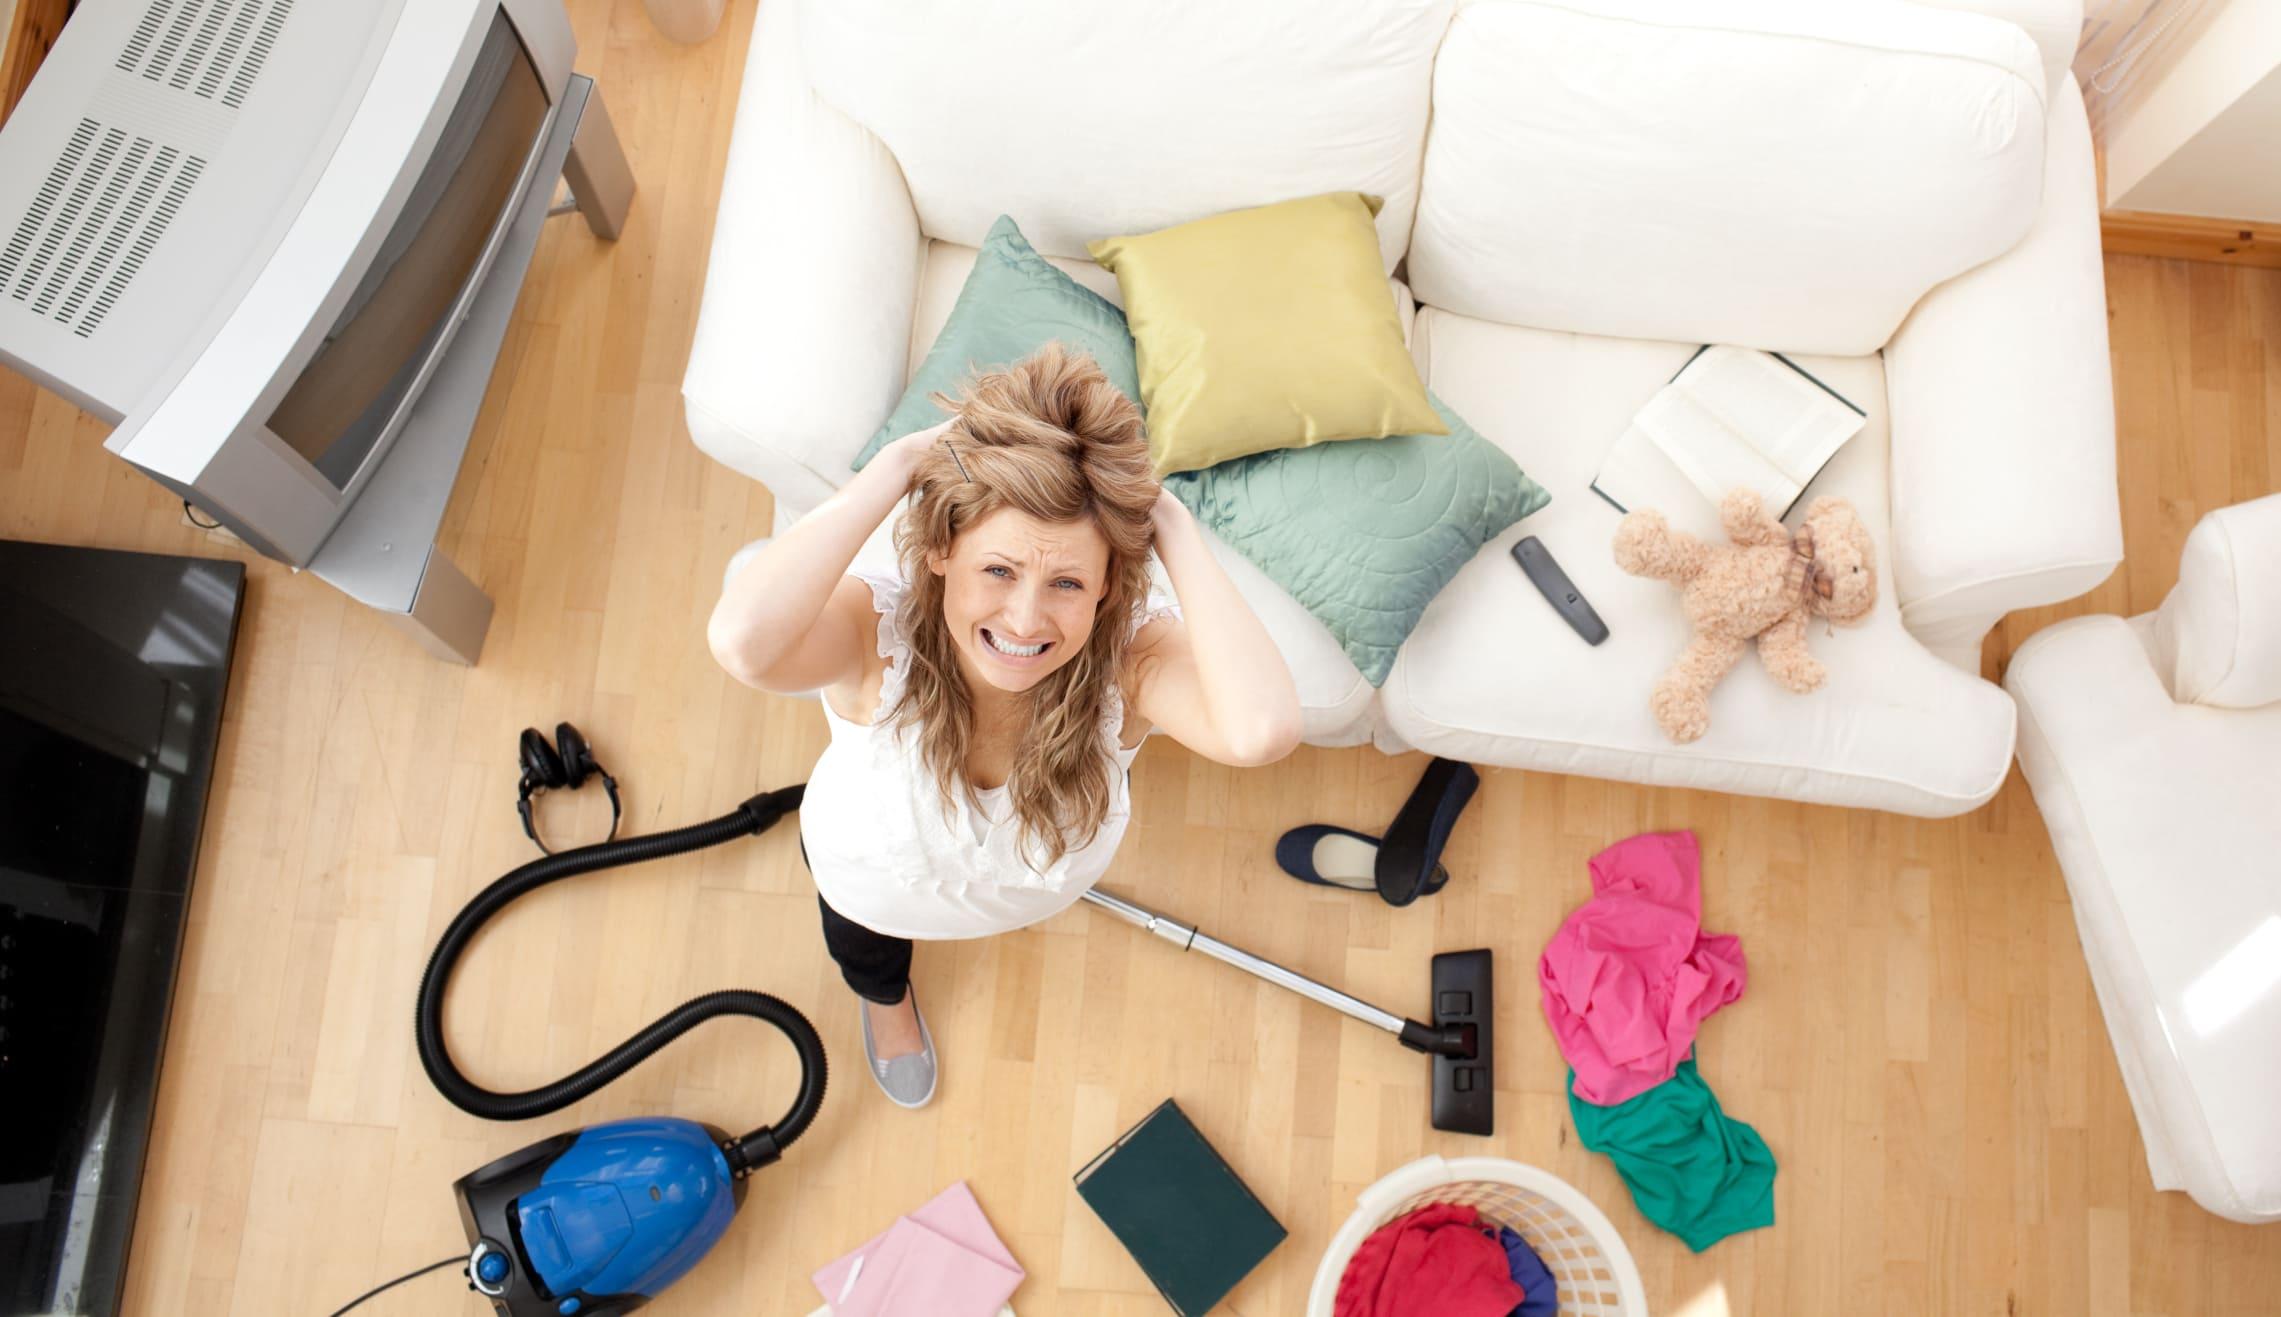 como-organizar-una-rutina-de-limpieza-1-iloveimg-compressed